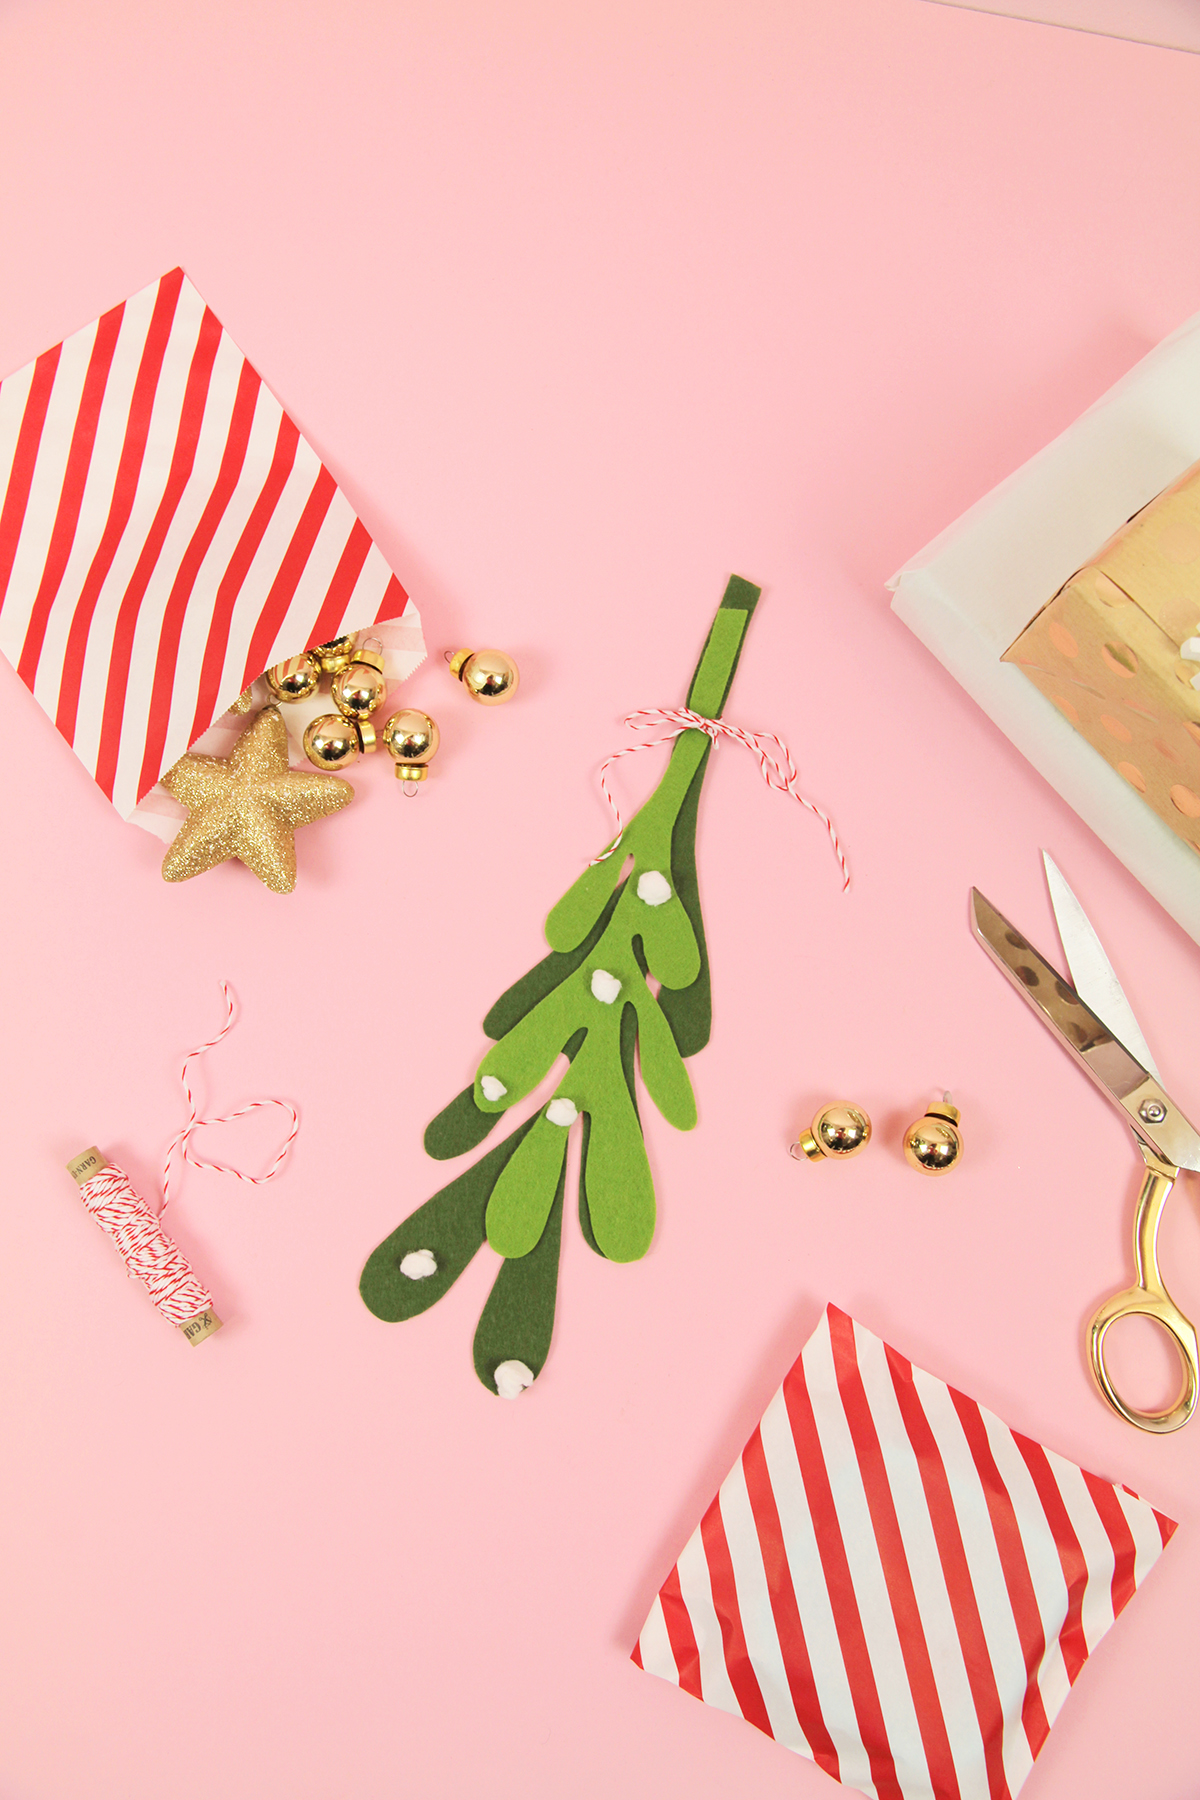 Makerist-Weihnachtsdeko-selbermachen-Mistelzweig-aus-Filz-basteln-8